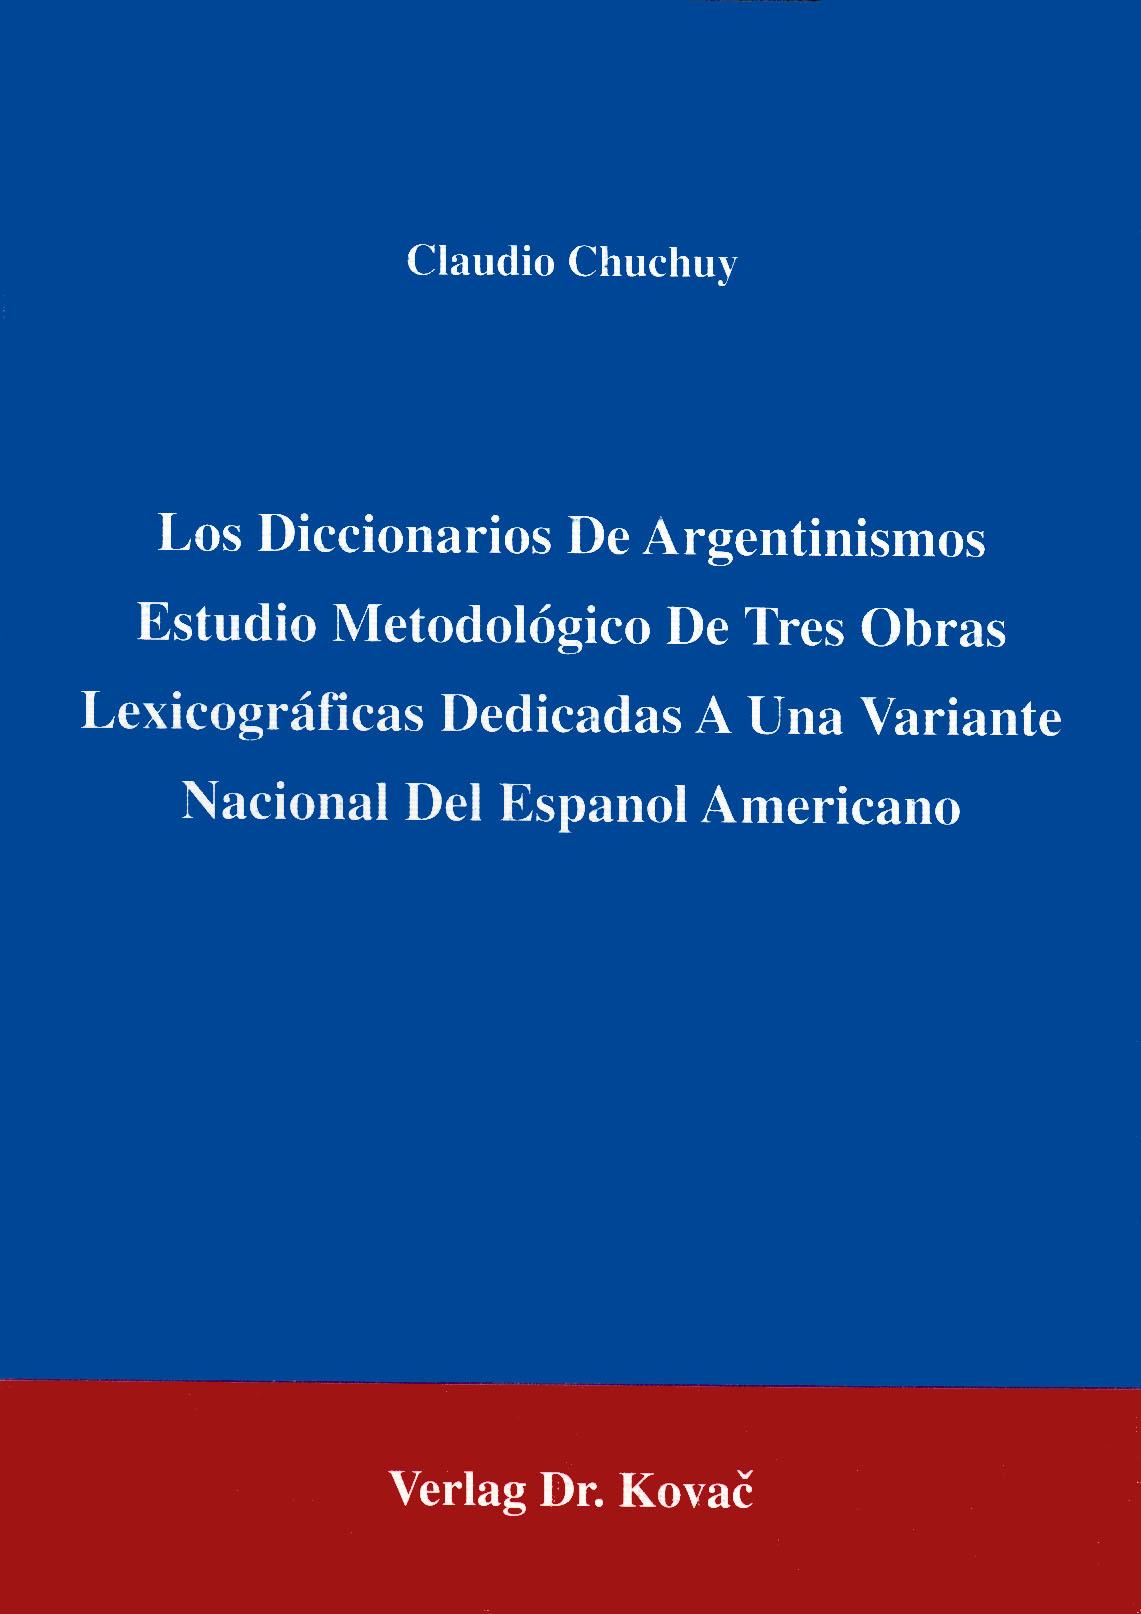 Cover: Argentinismen-Wörterbuch